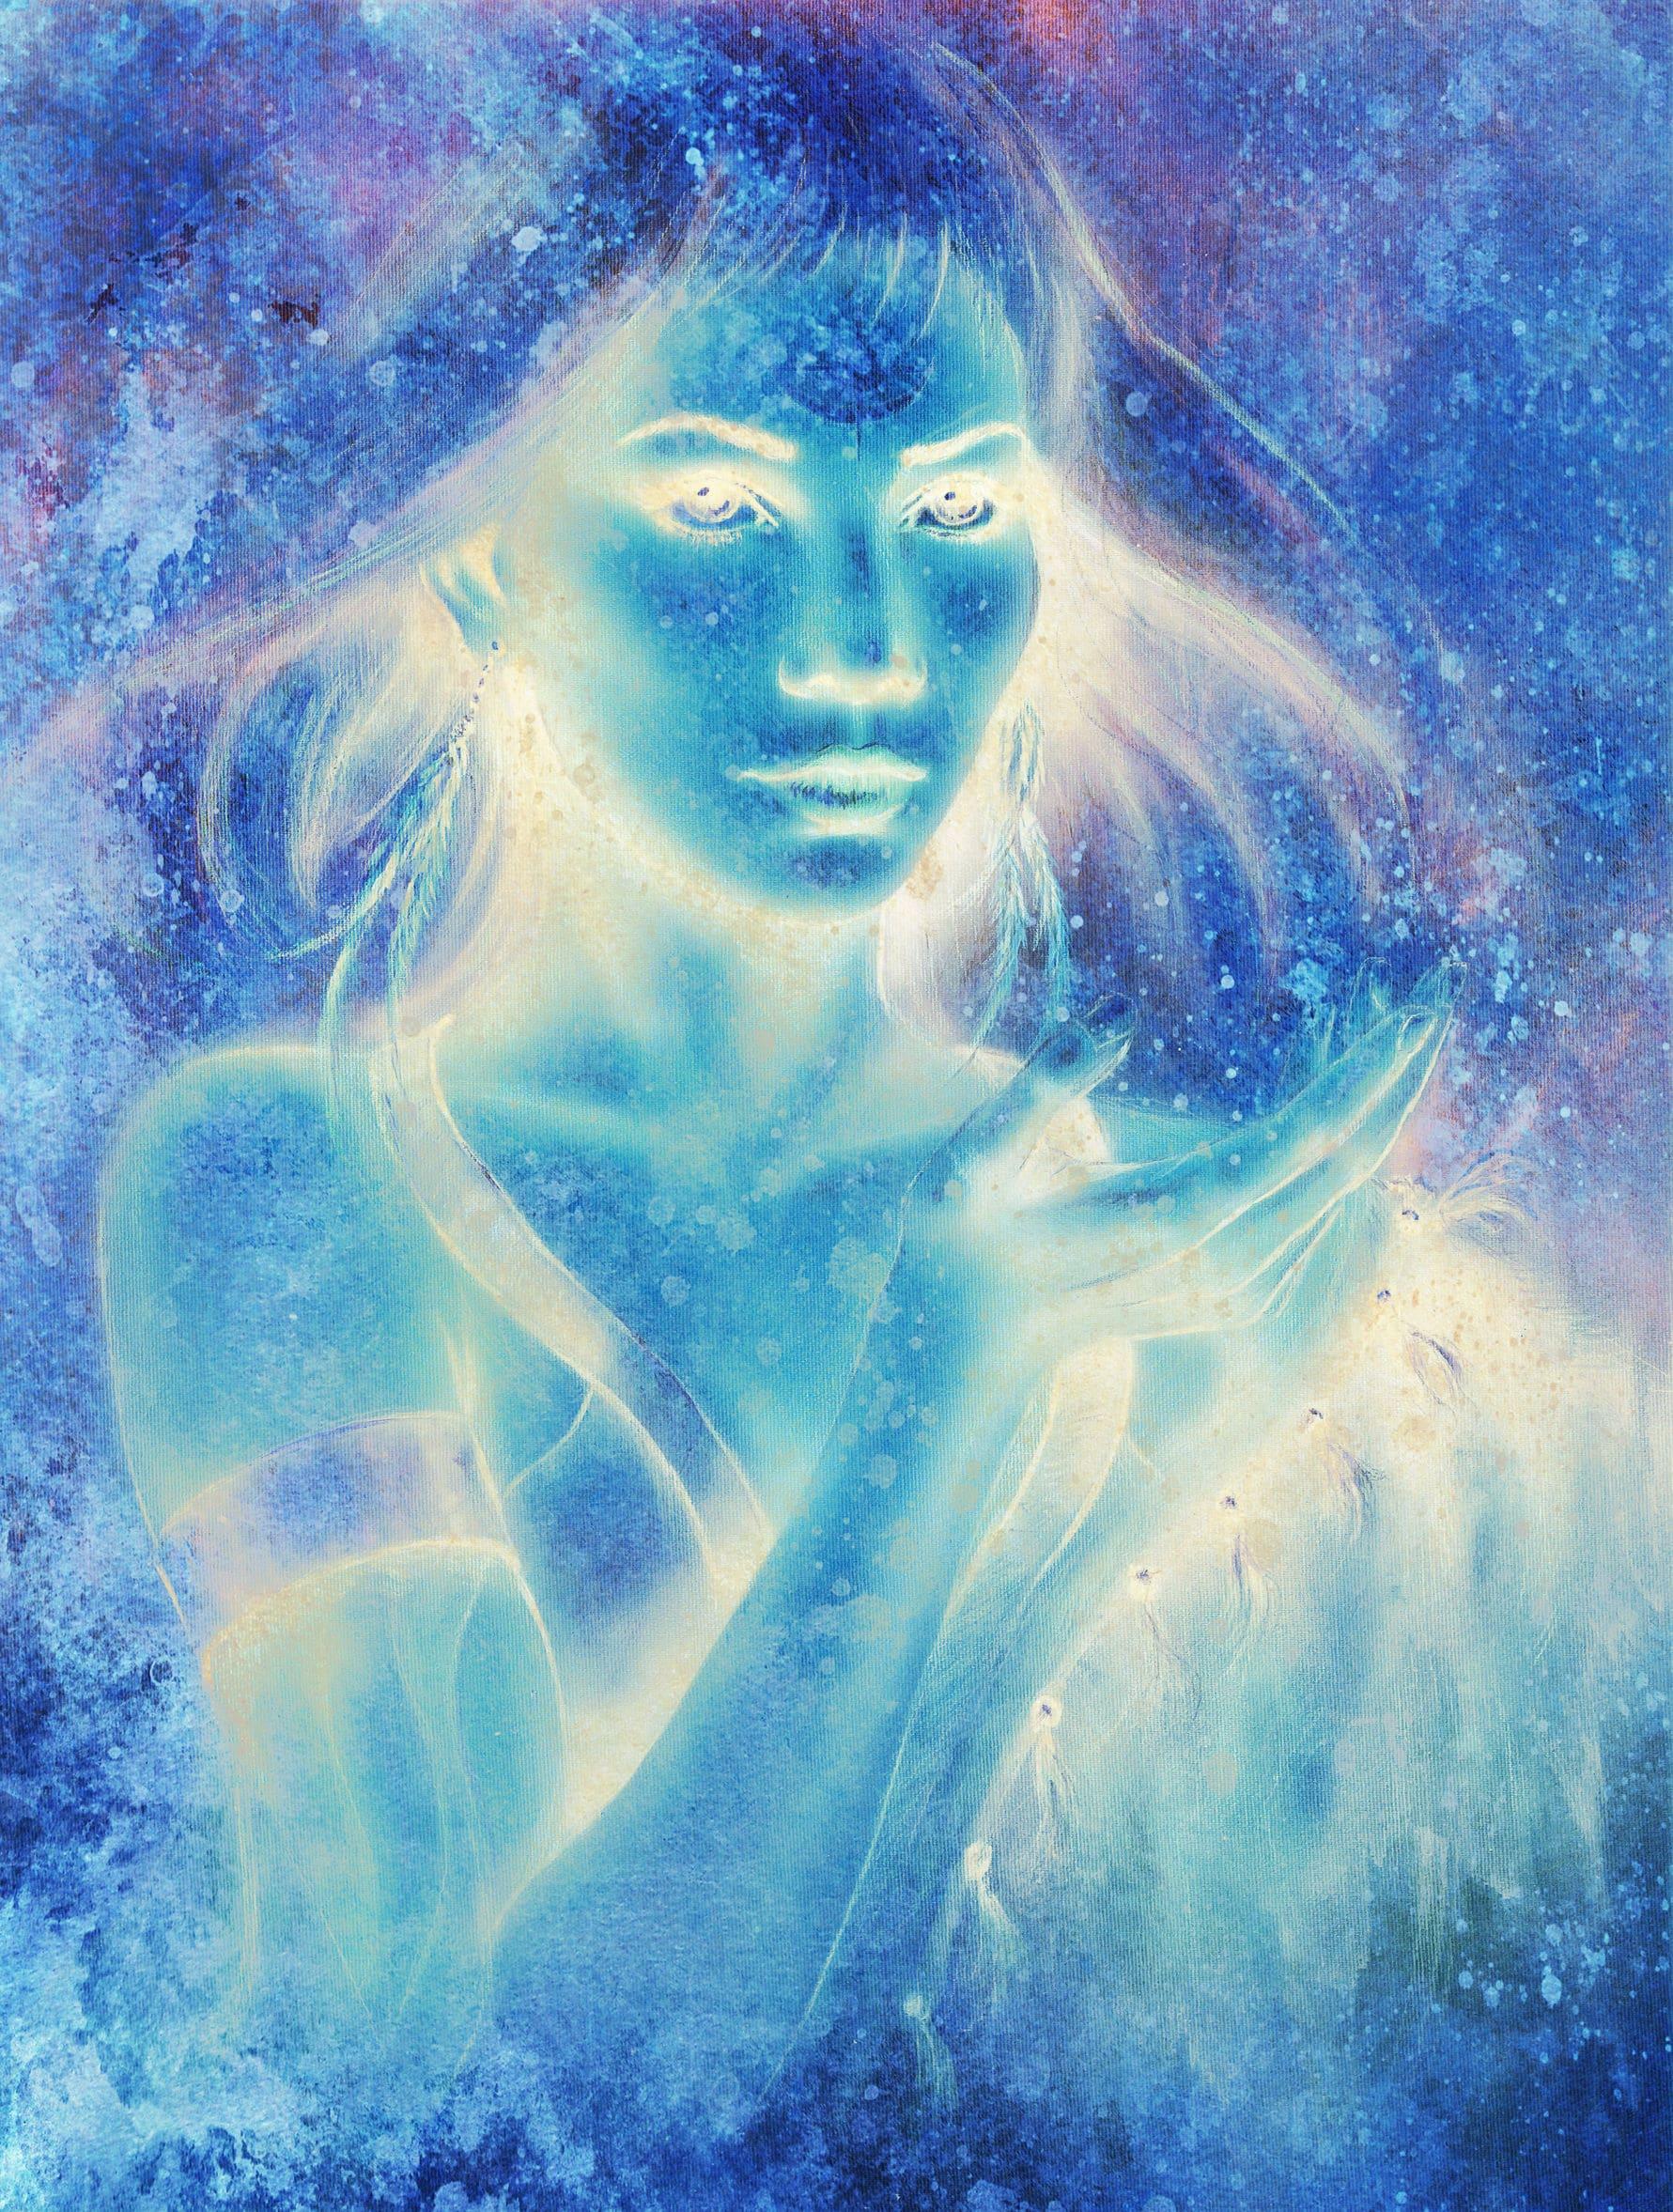 Ilustração em tons de azul, brilhos e estrelas que formam o rosto e o corpo de uma mulher.